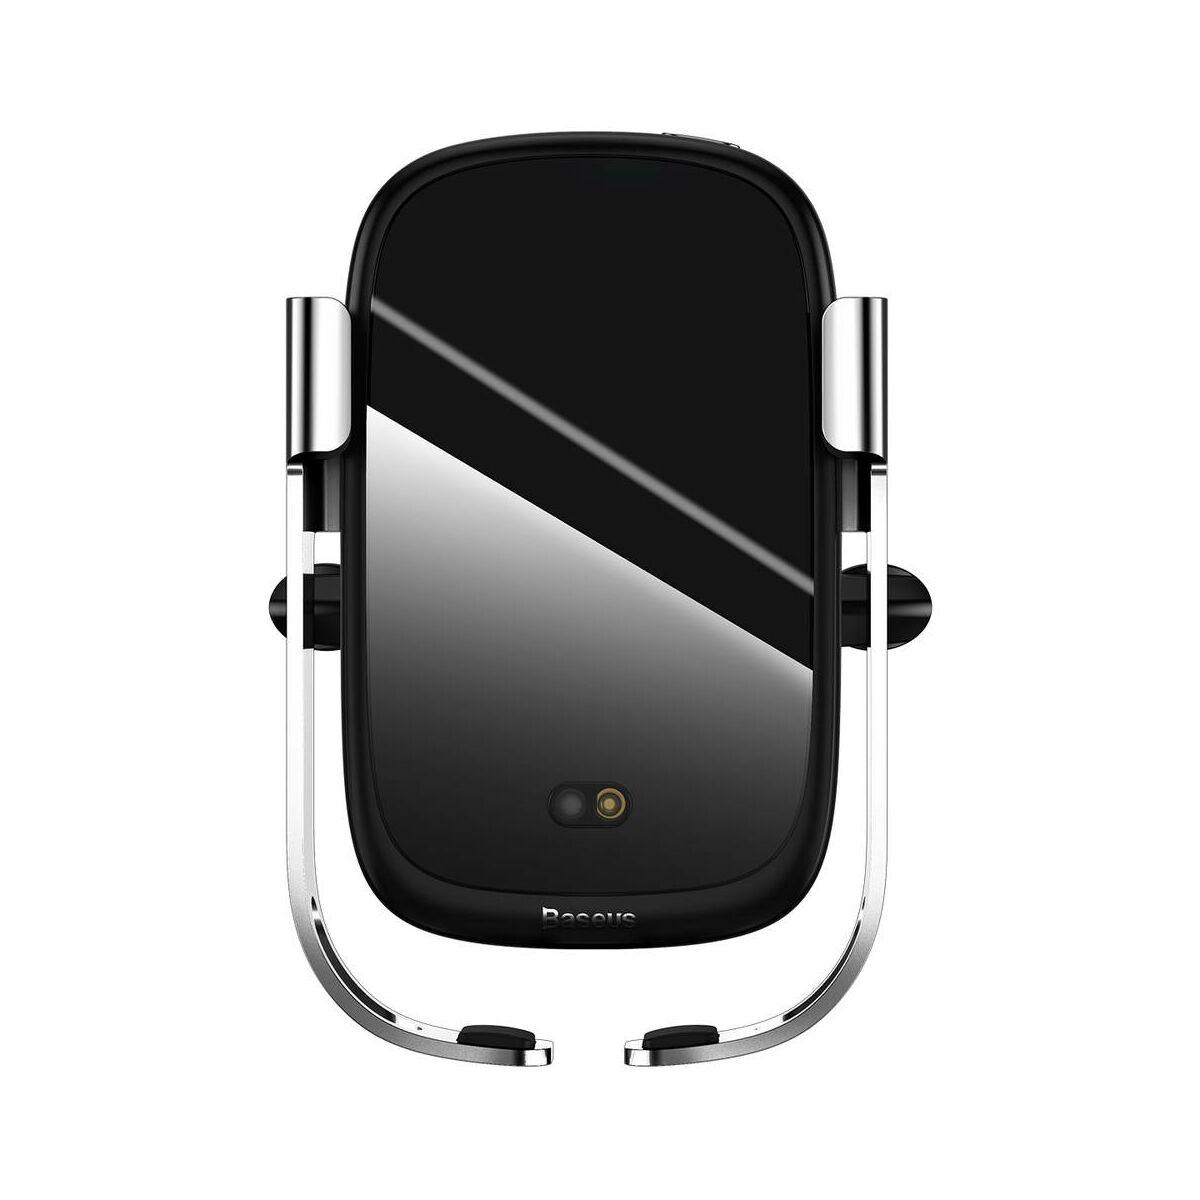 Baseus autós telefontartó, Rock-solid Electric Holder, szenzoros nyitás, vezeték nélküli töltés, 10W, ezüst(WXHW01-0S)